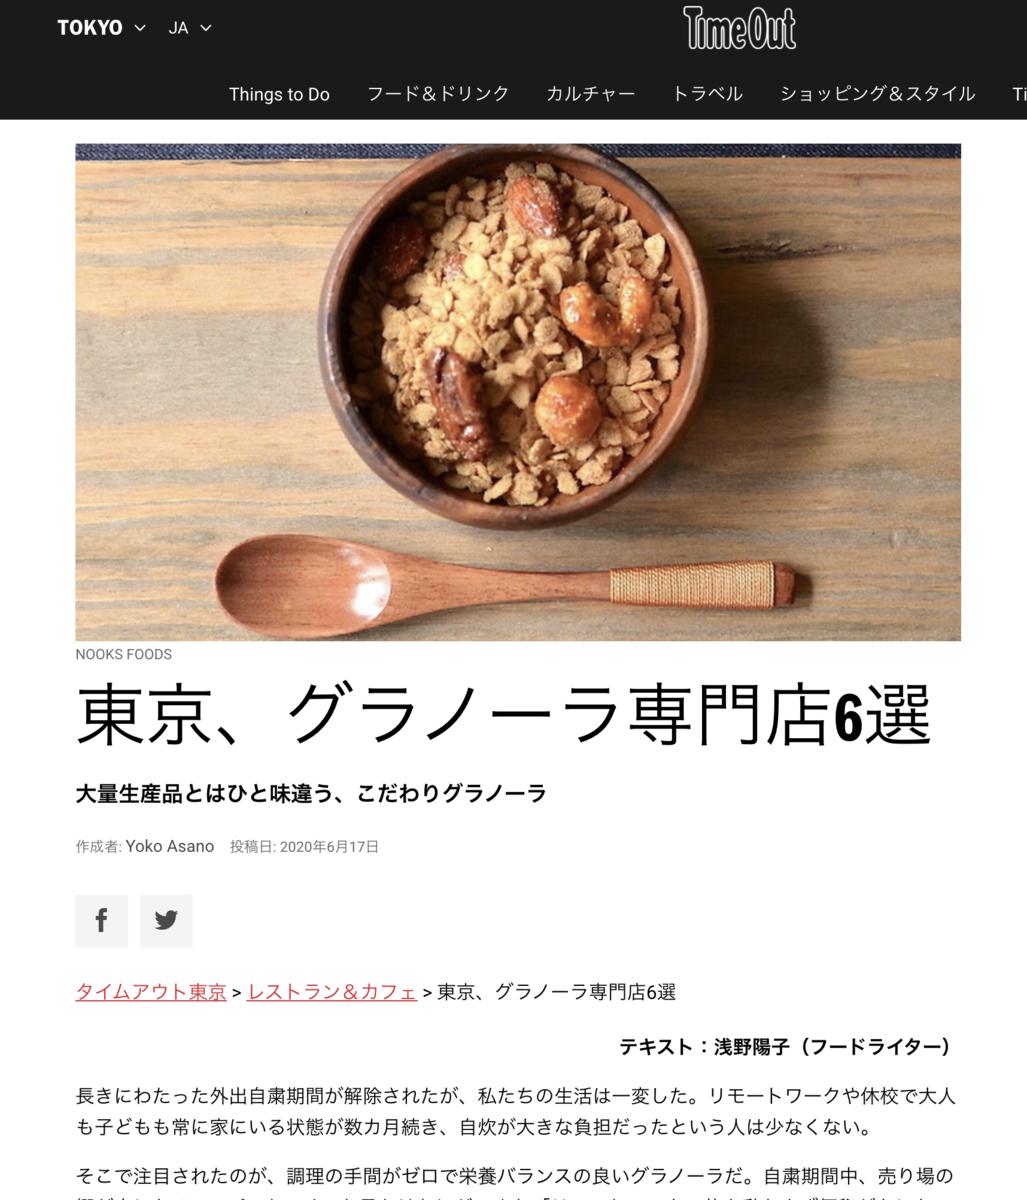 タイムアウト東京 特集 グラノーラ専門店